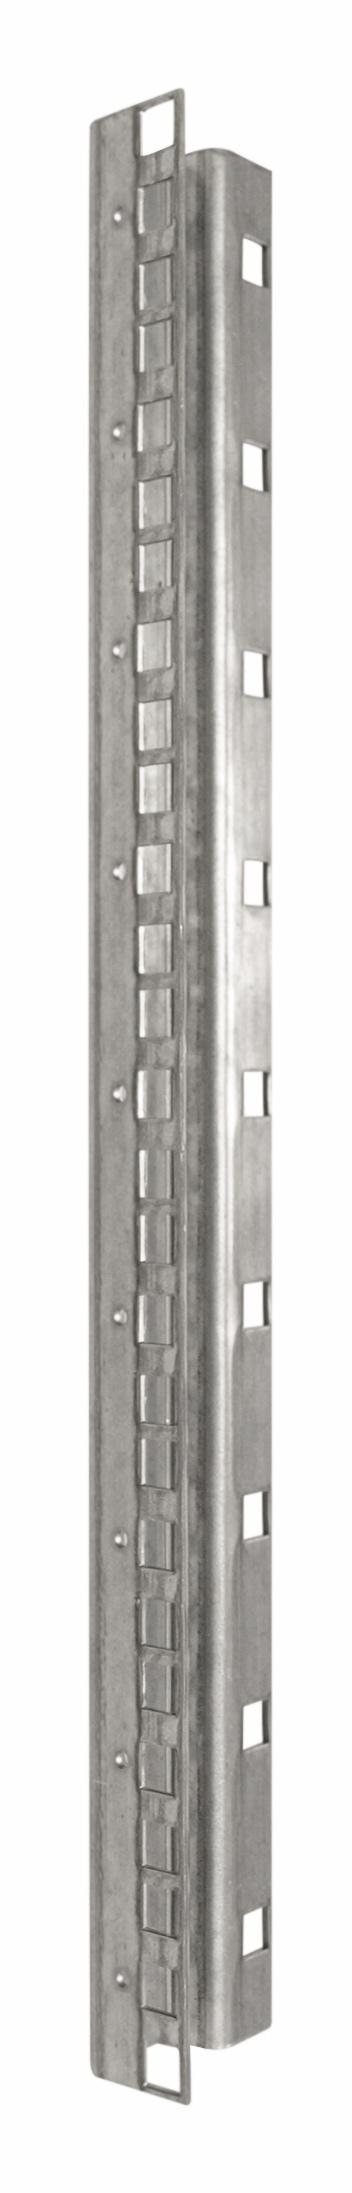 1 Stk 19 Profilschiene 15HE für DS-, DSZ-, DSI- und DW-Schränke DSPROF15--